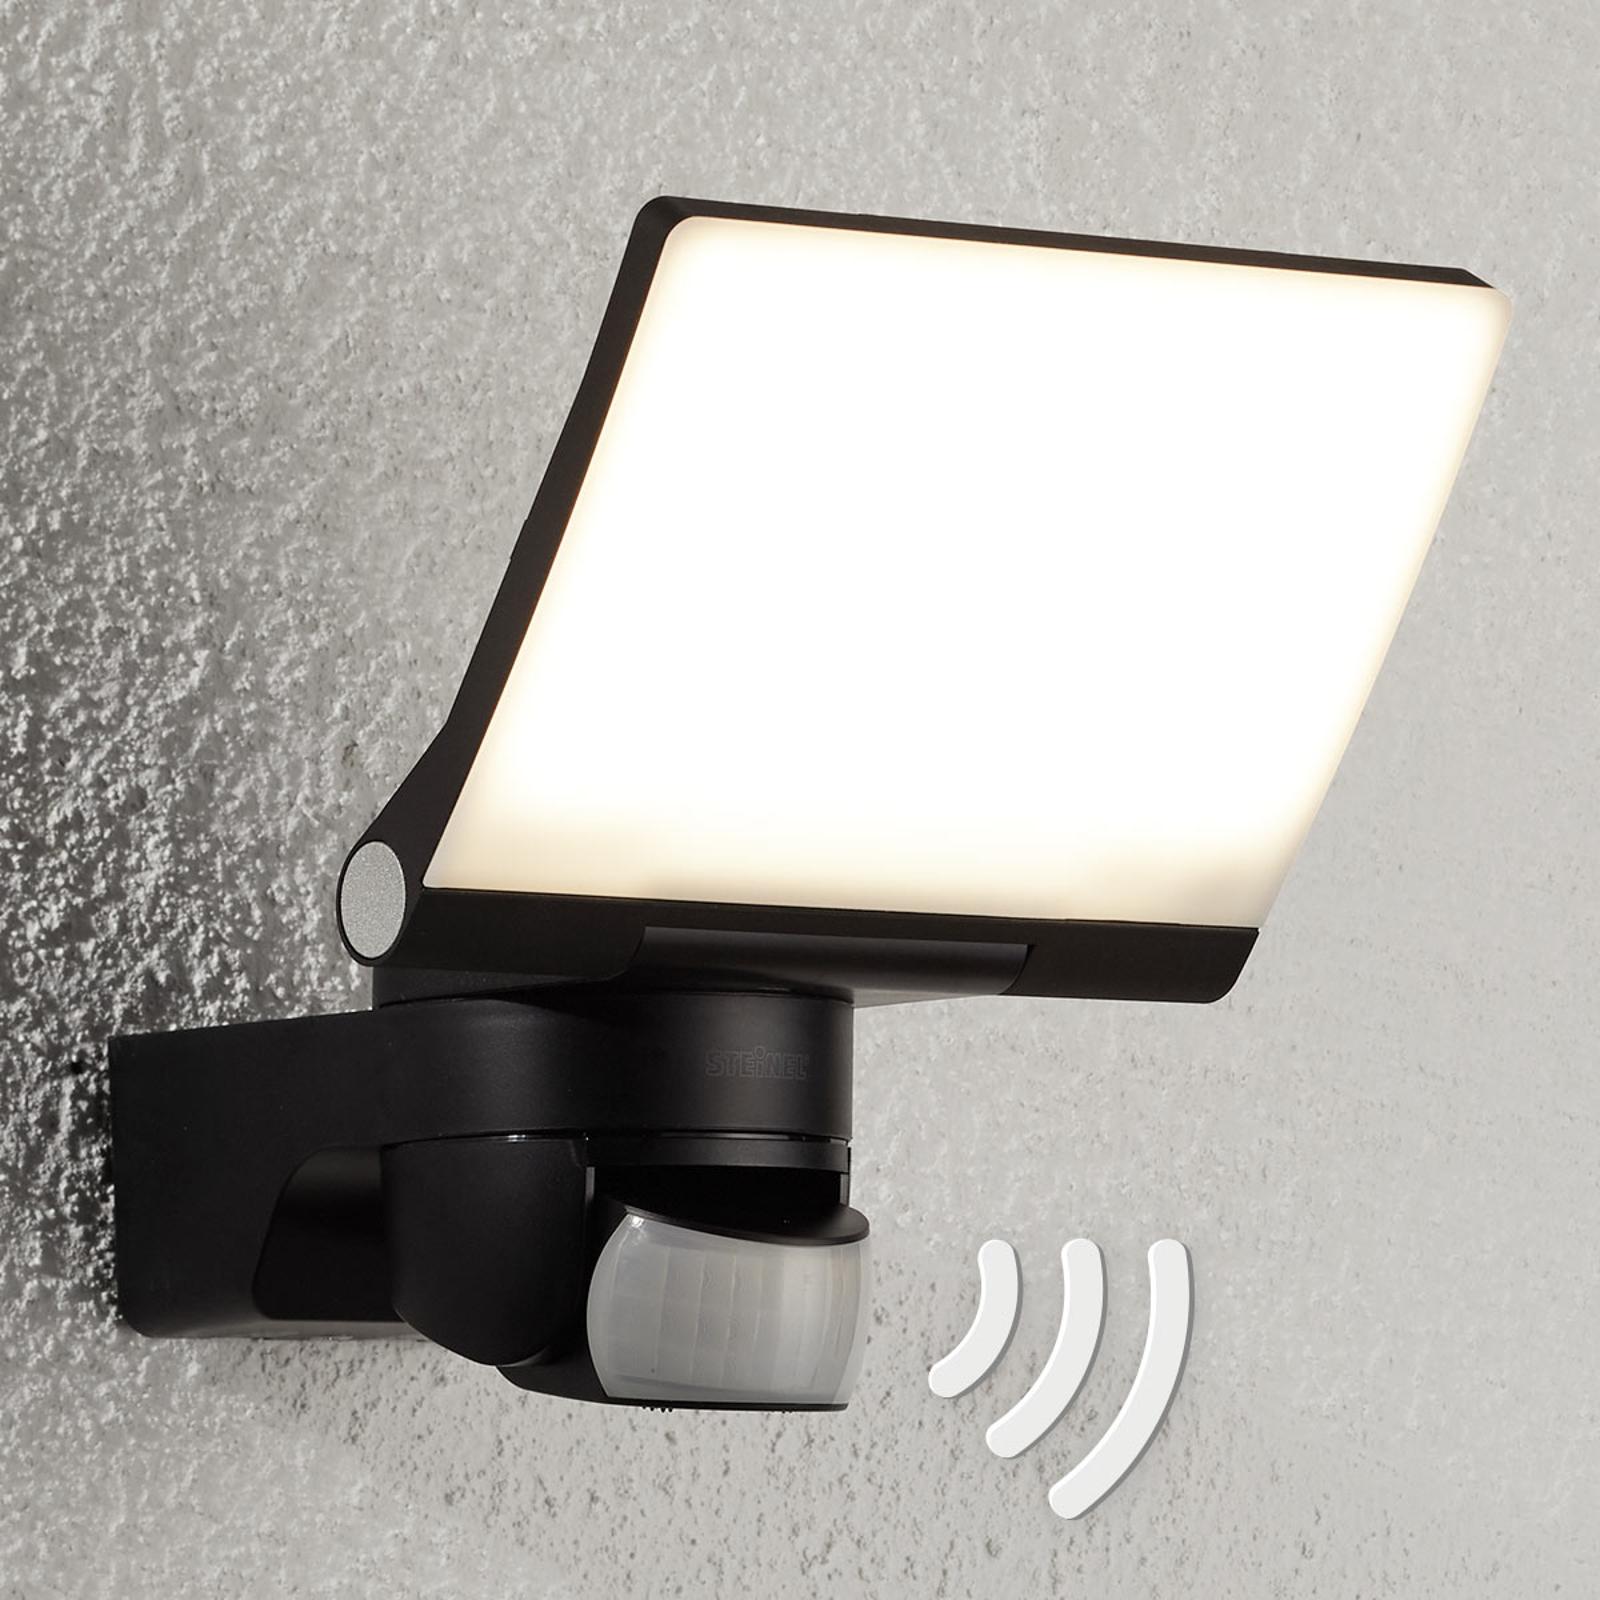 Applique LED d'extérieur innovante XLED Home 2 XL